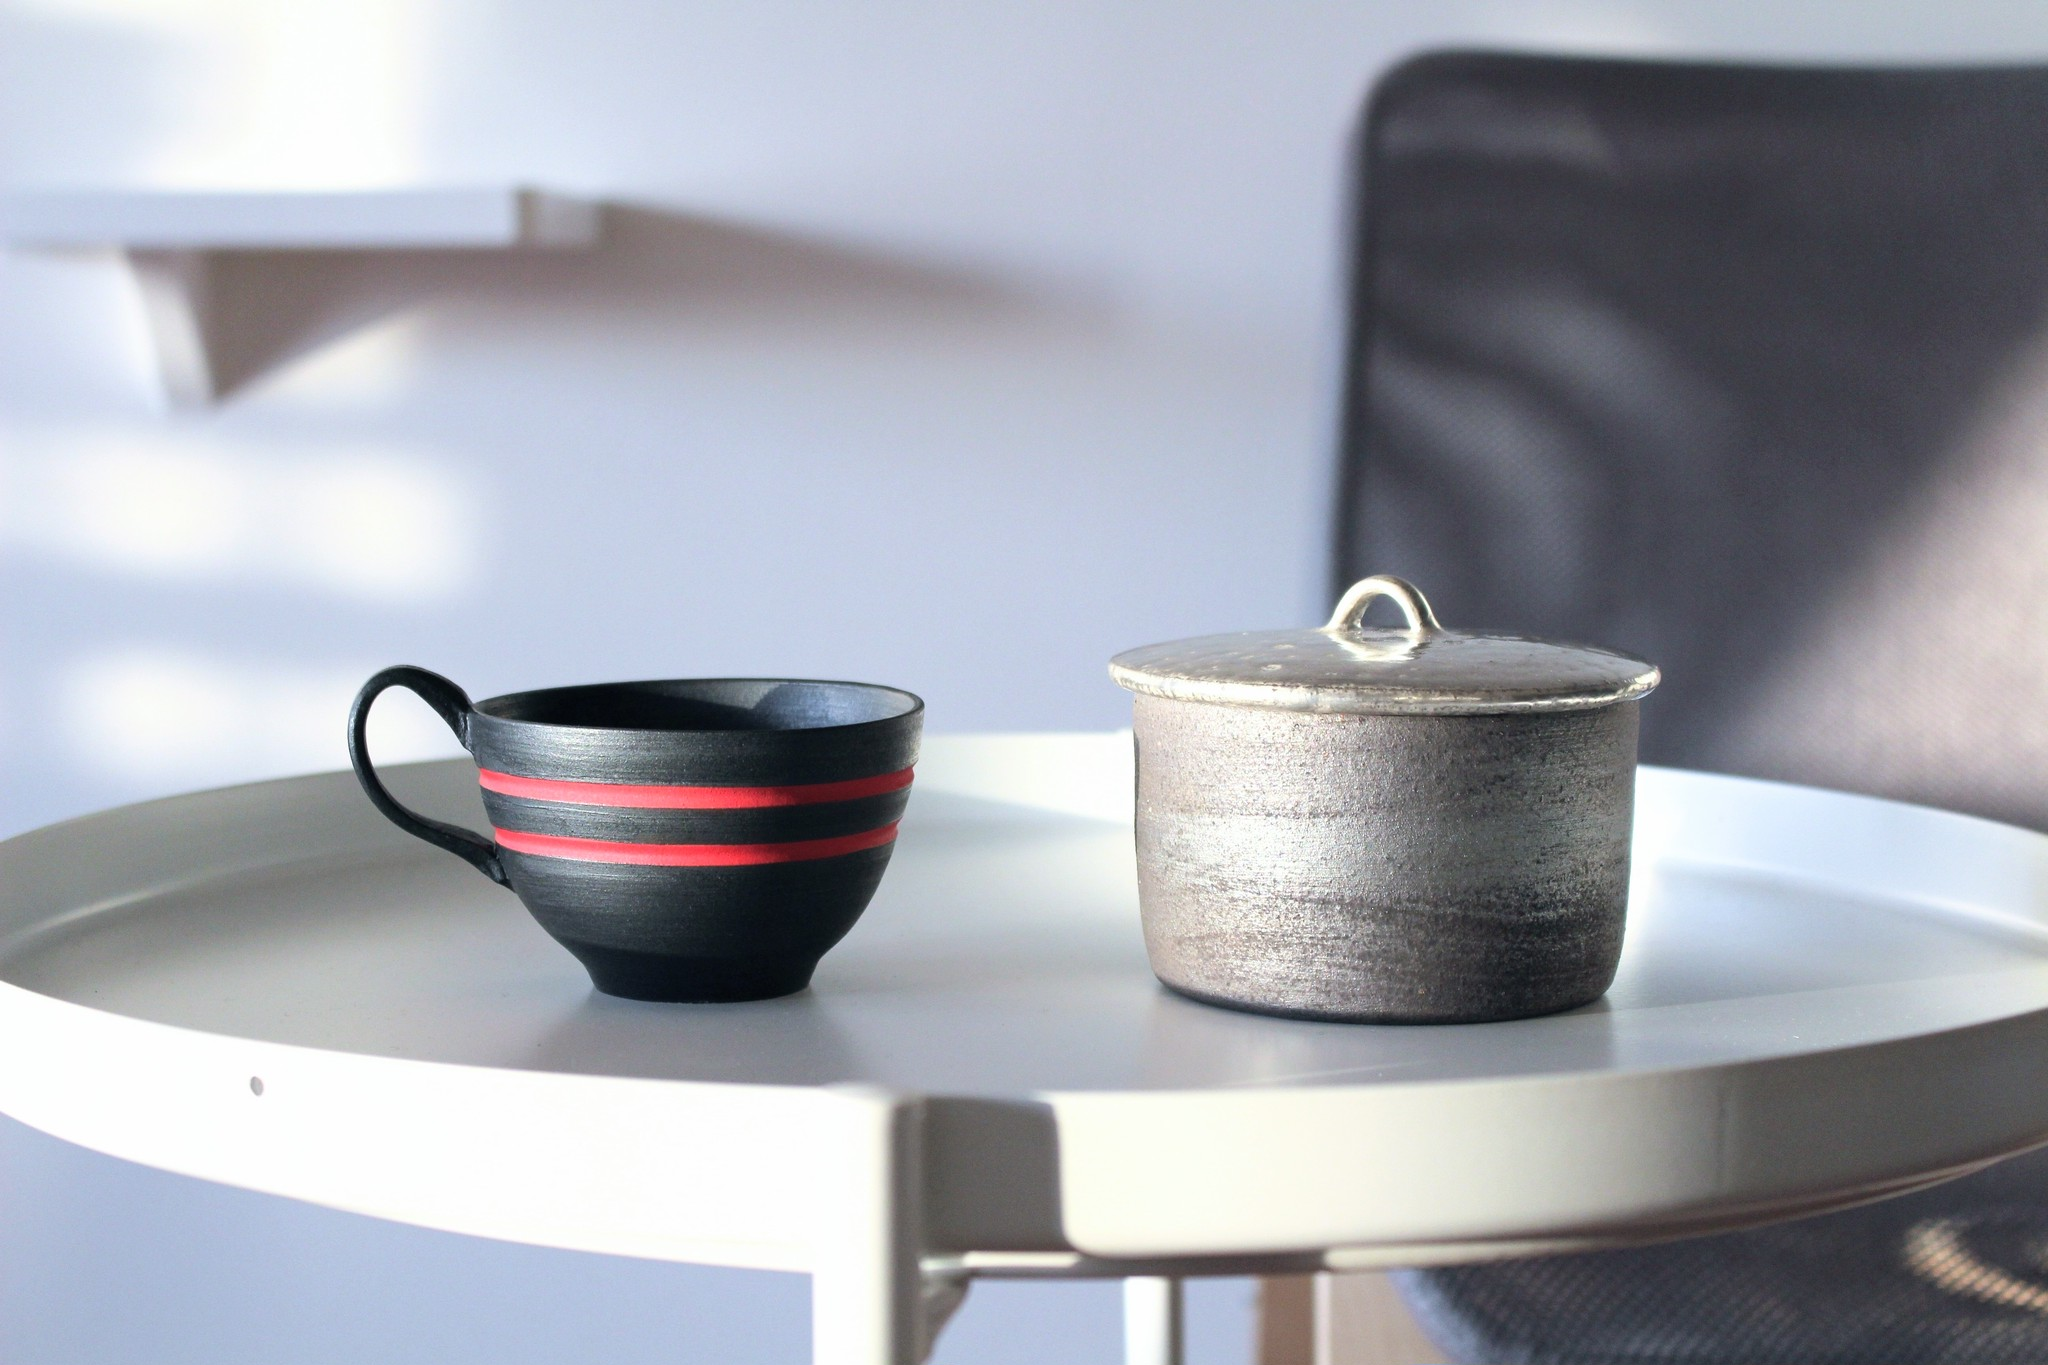 陶芸家【酒井智也】【谷井直人】 コーヒーカップ&蓋物   こだわりのコーヒーブレイクに